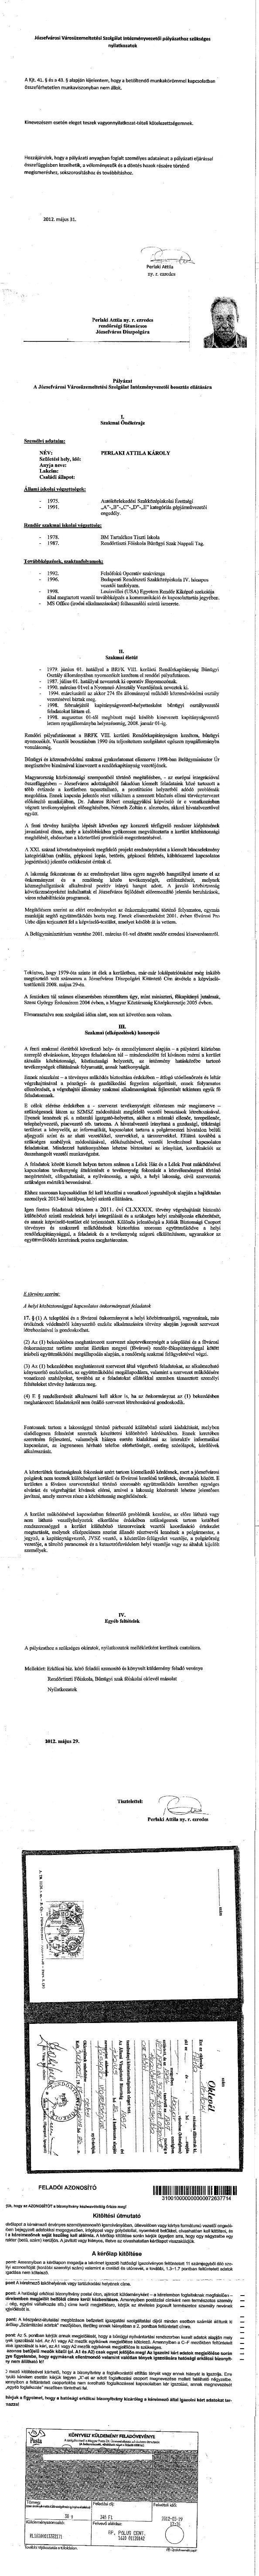 Perlaki Attila p+íly+ízati anyaga II-11.jpg